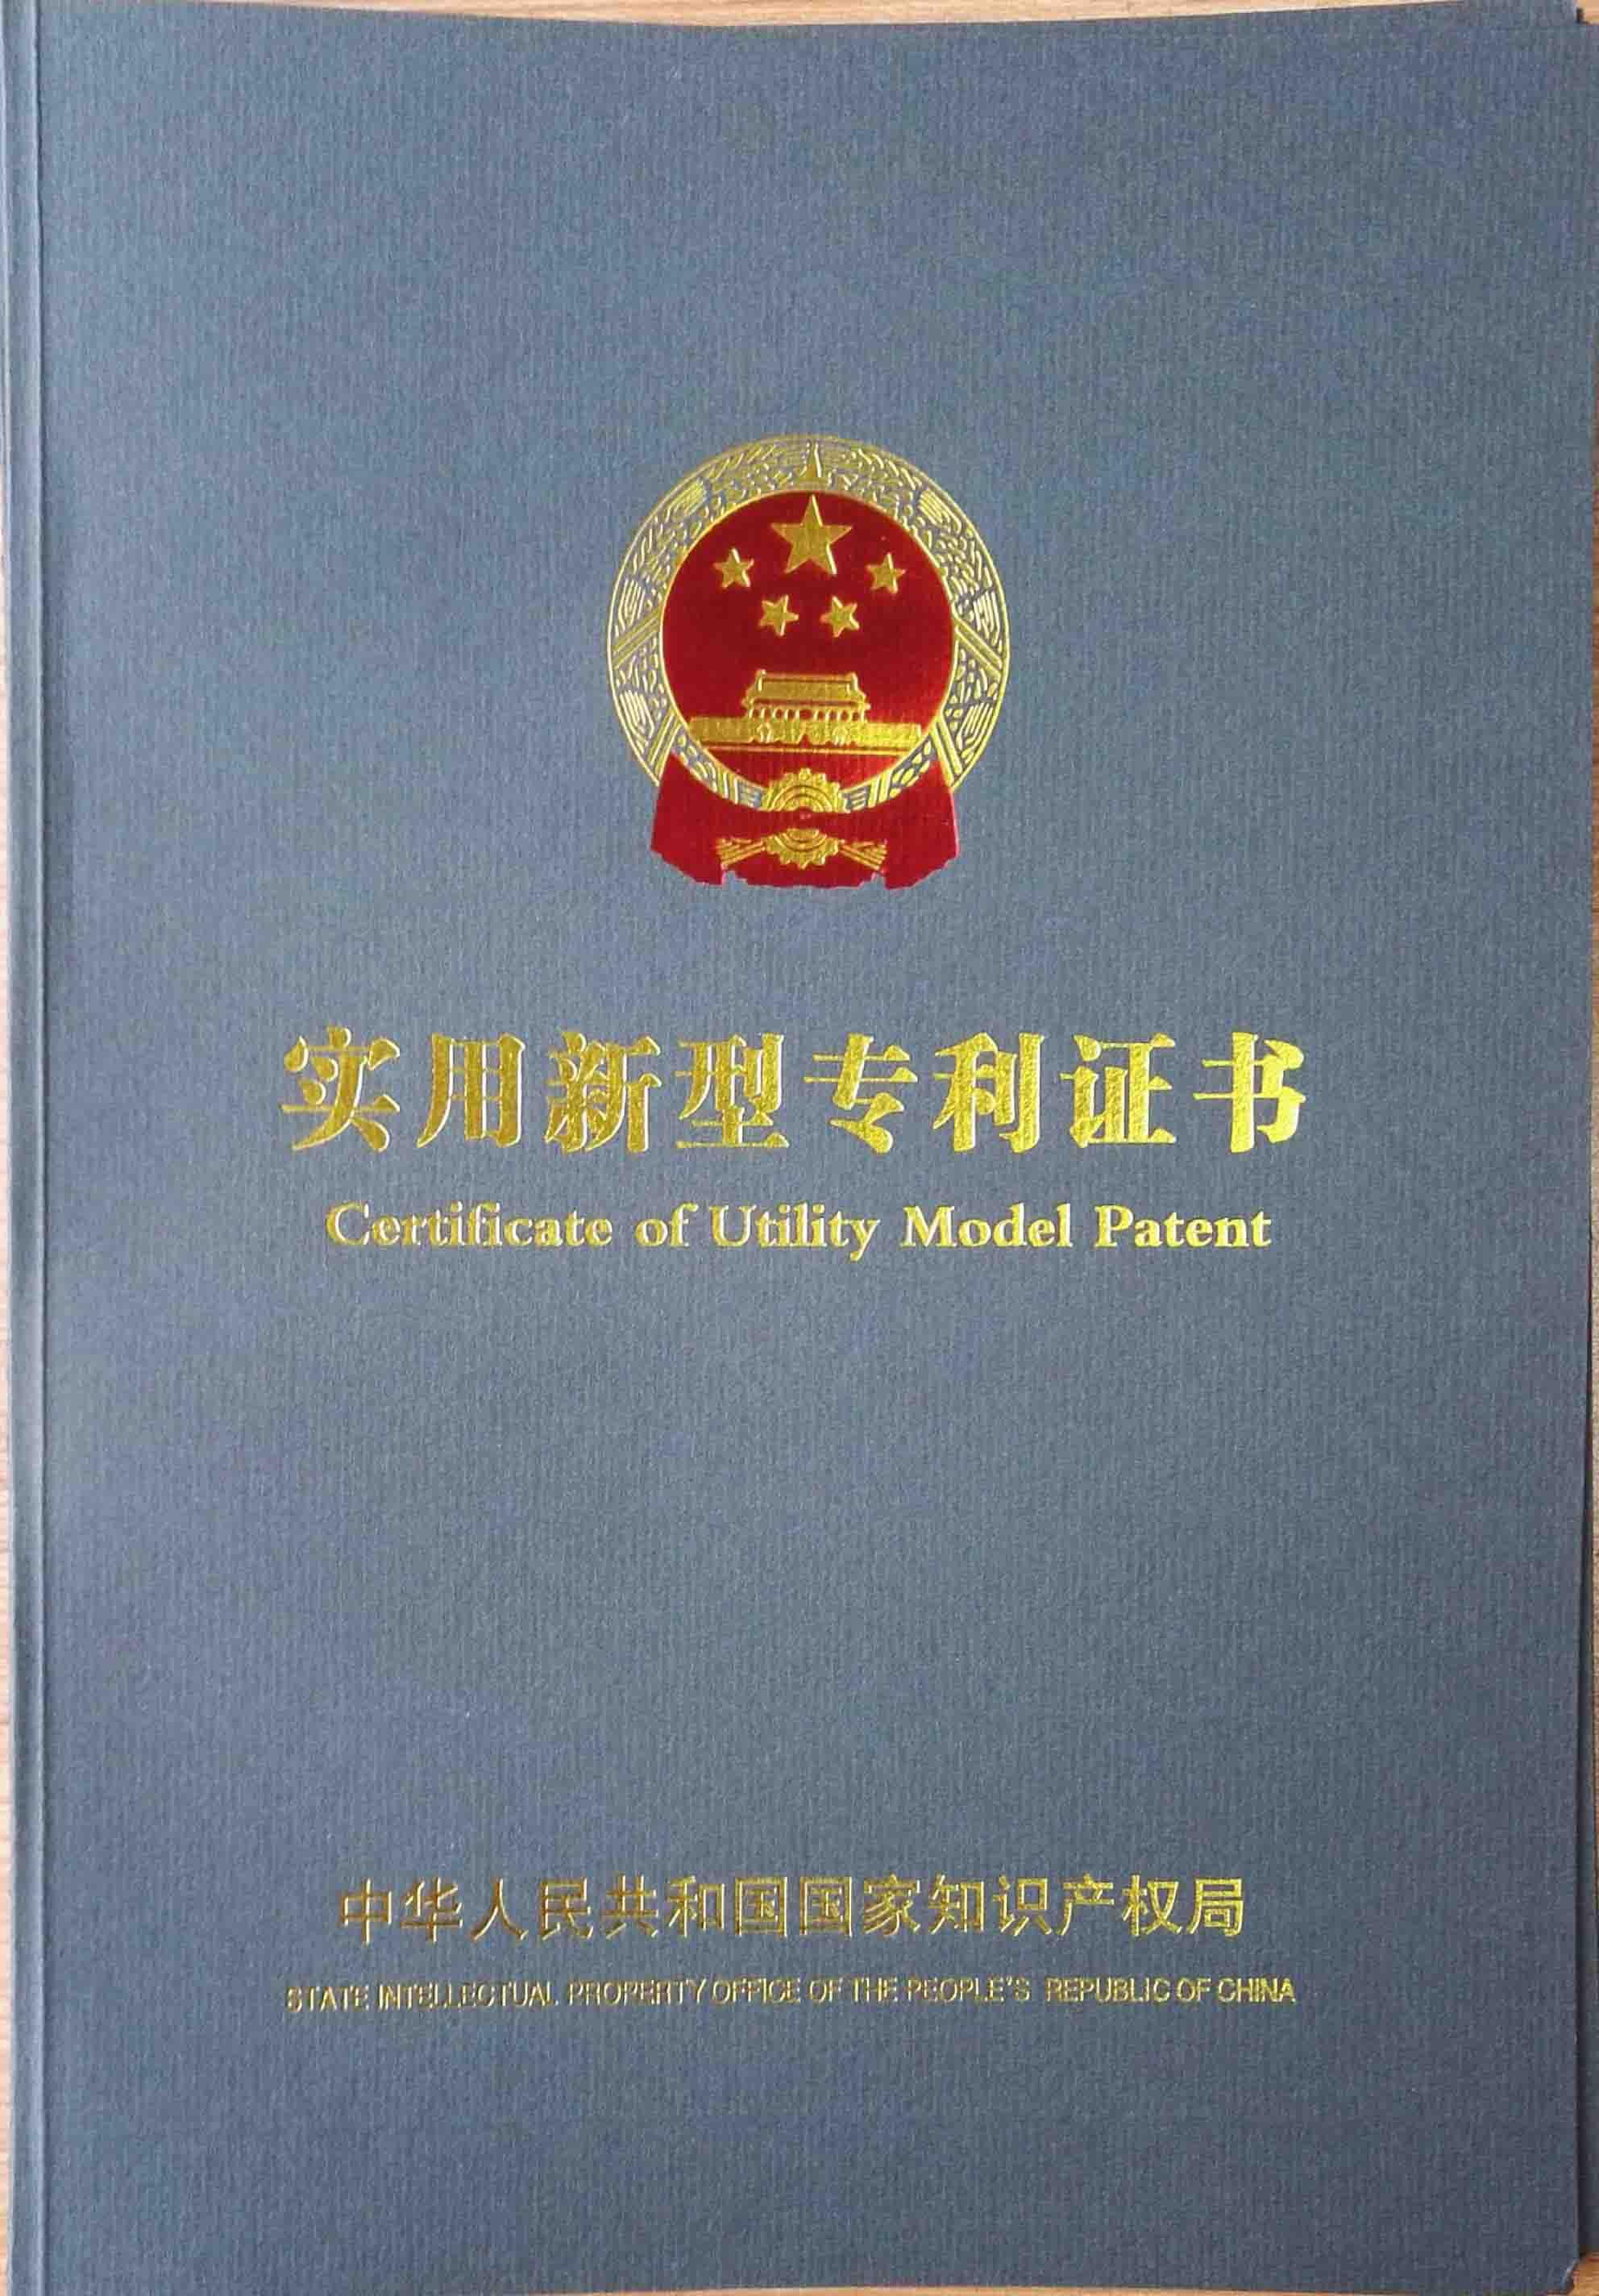 龙8国际登录专利证书